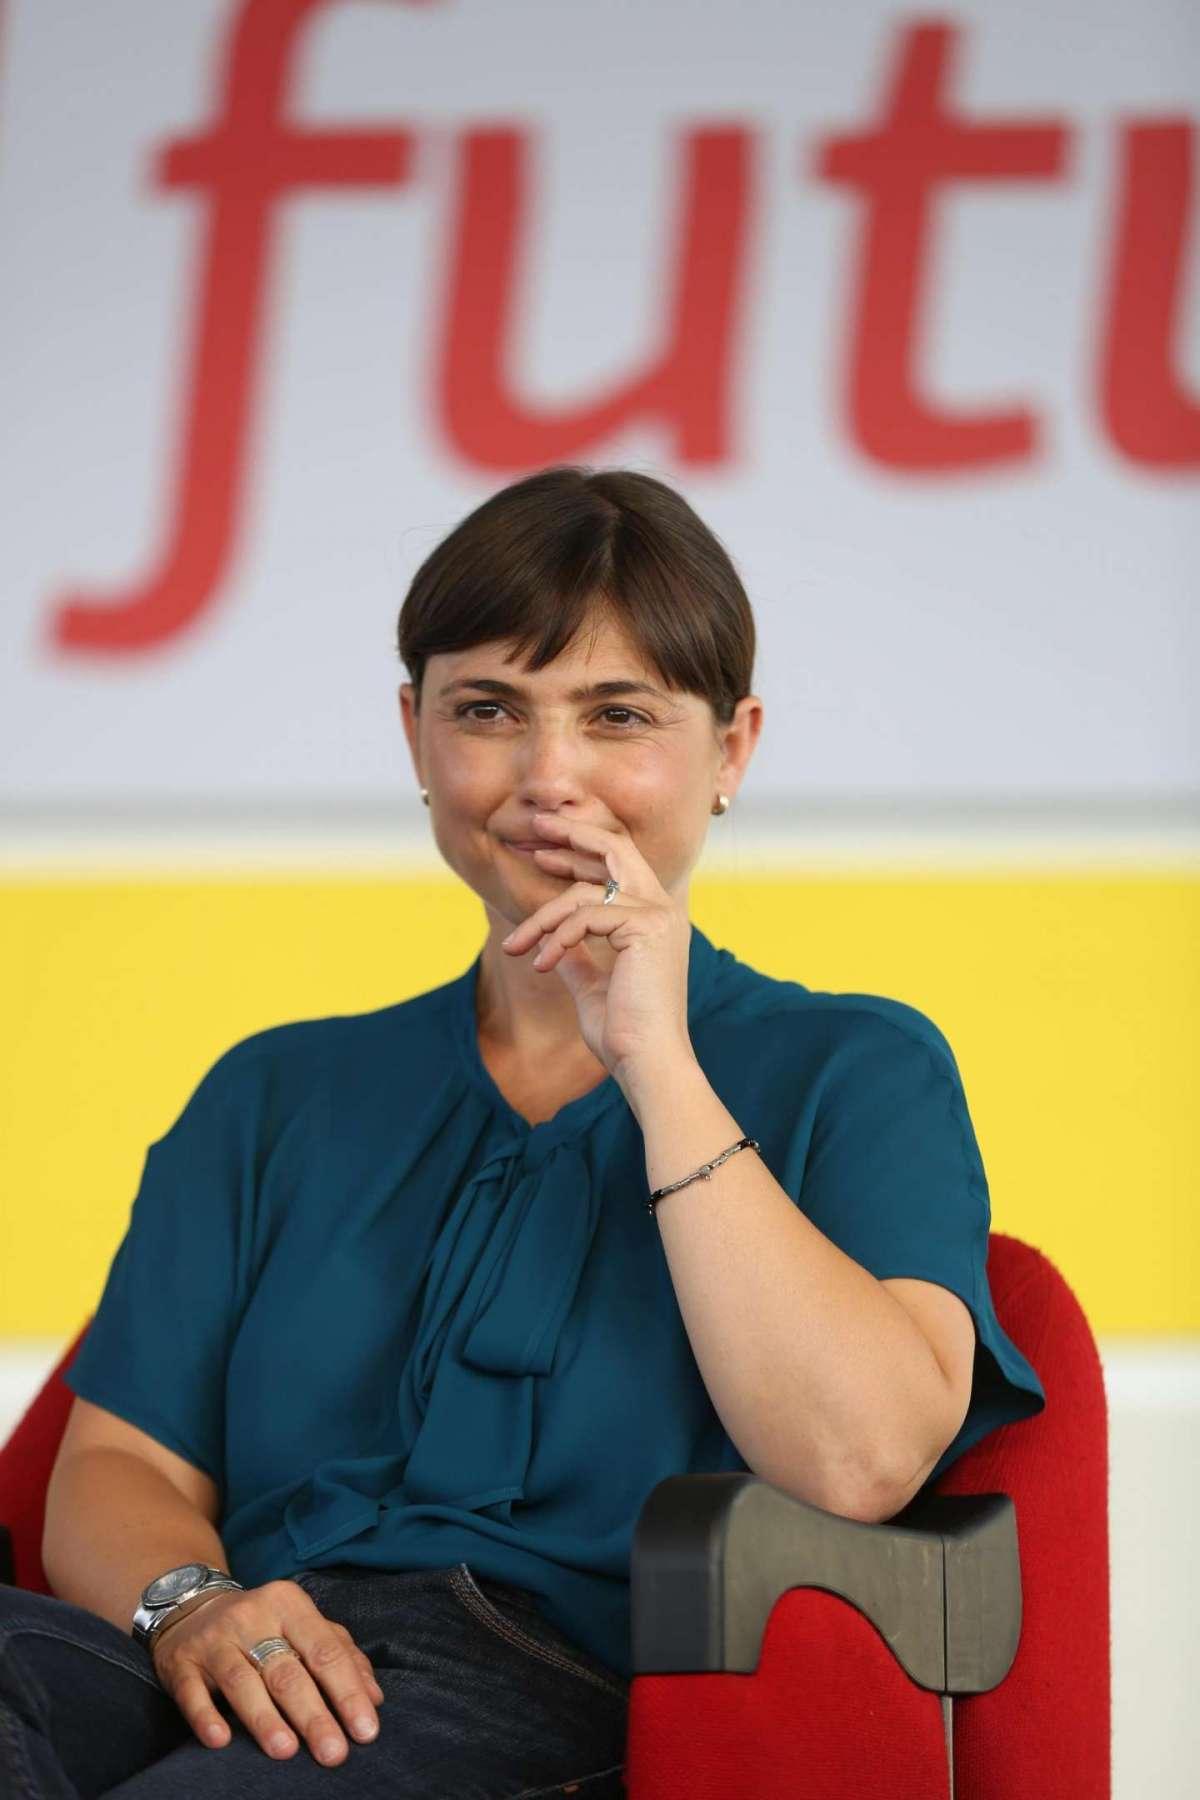 Debora Serracchiani ascolta